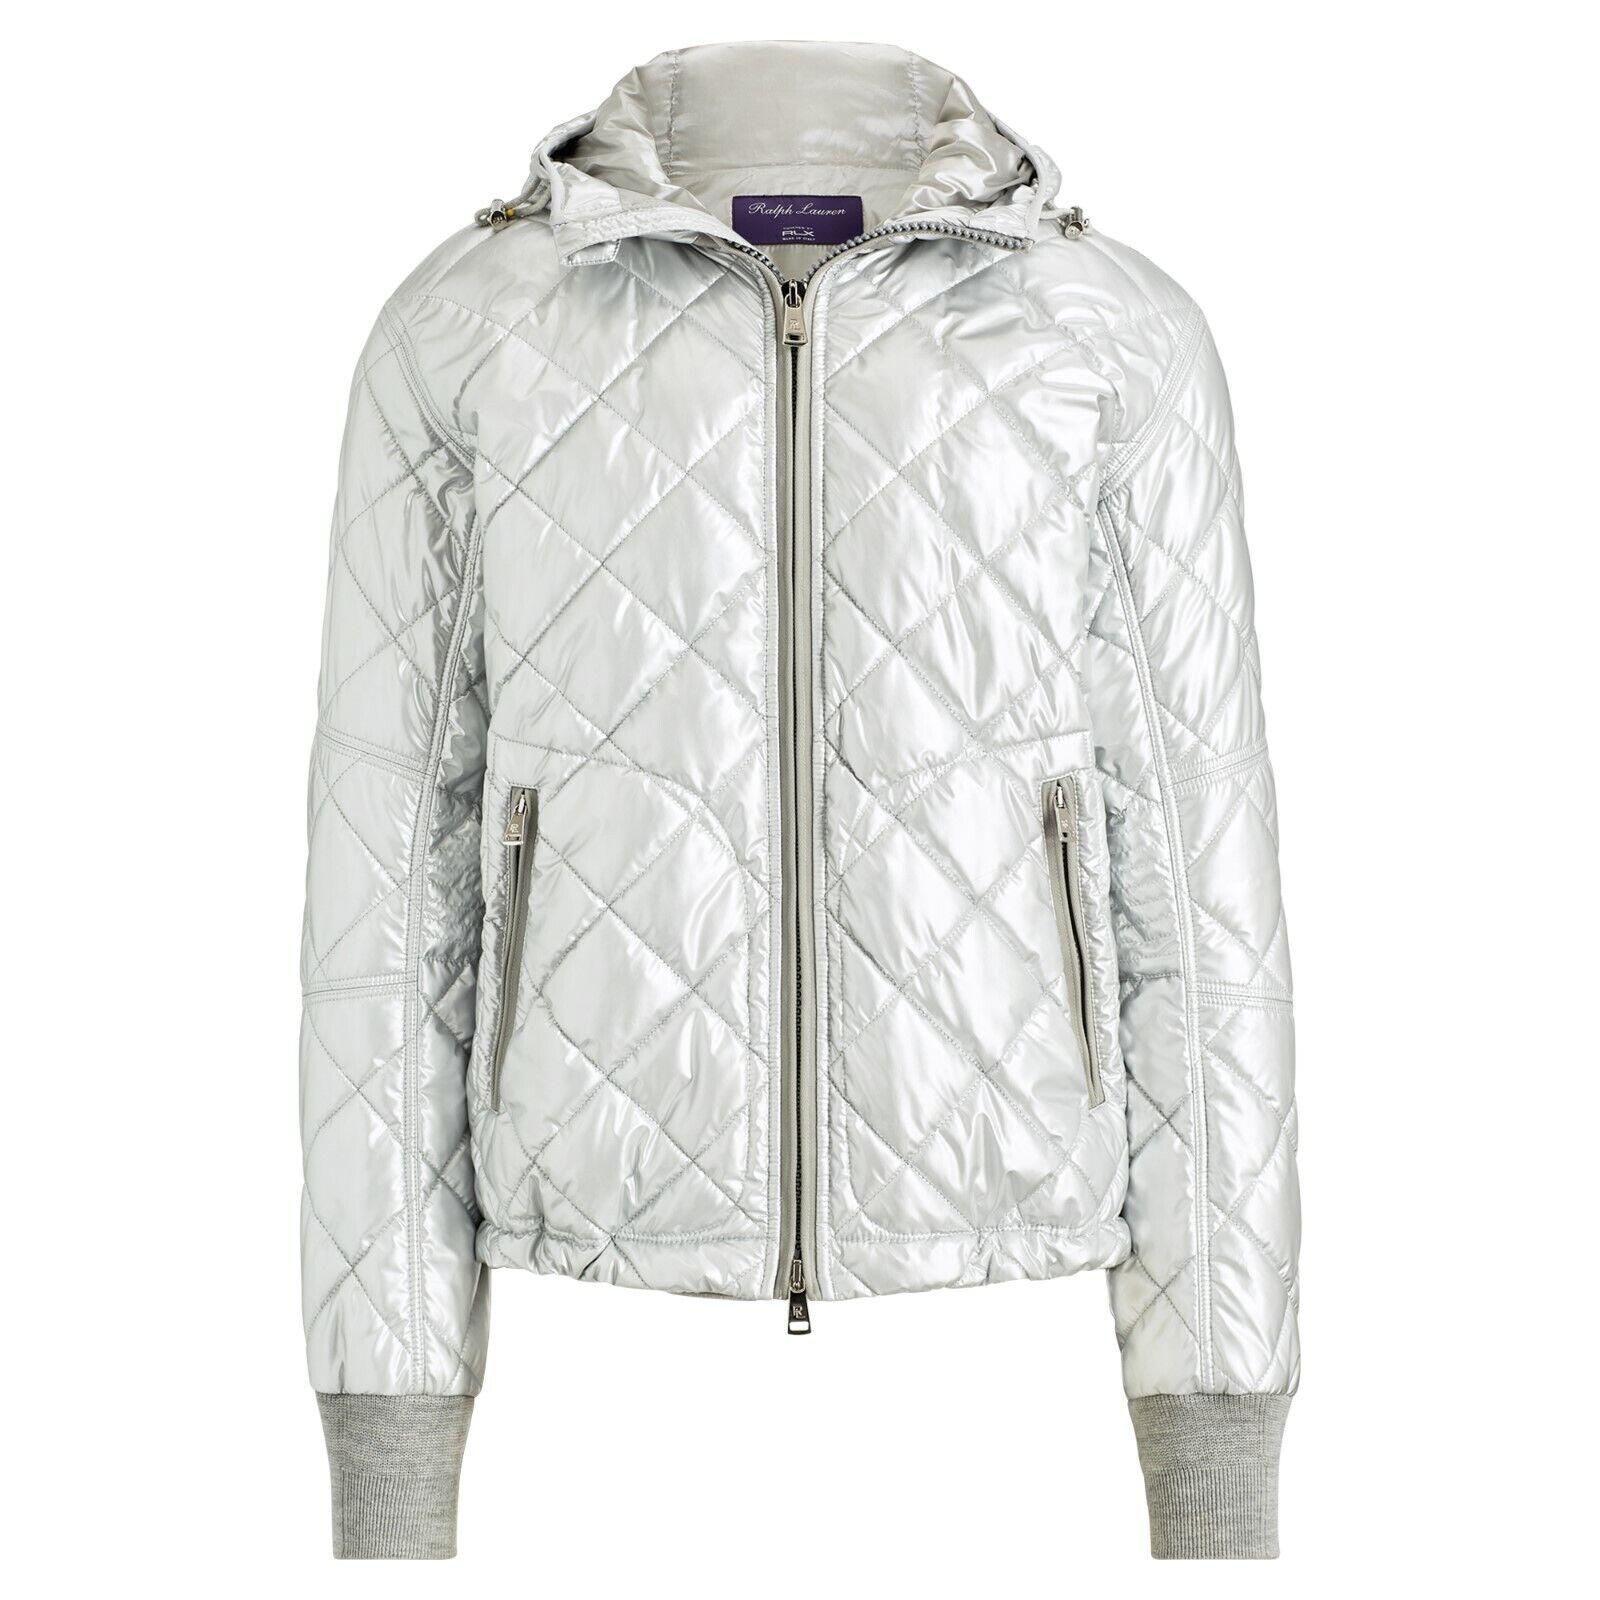 1295-ralph-lauren-purple-label-rlx-men-silver-quilted-hooded-ripstop-jacket-xxl